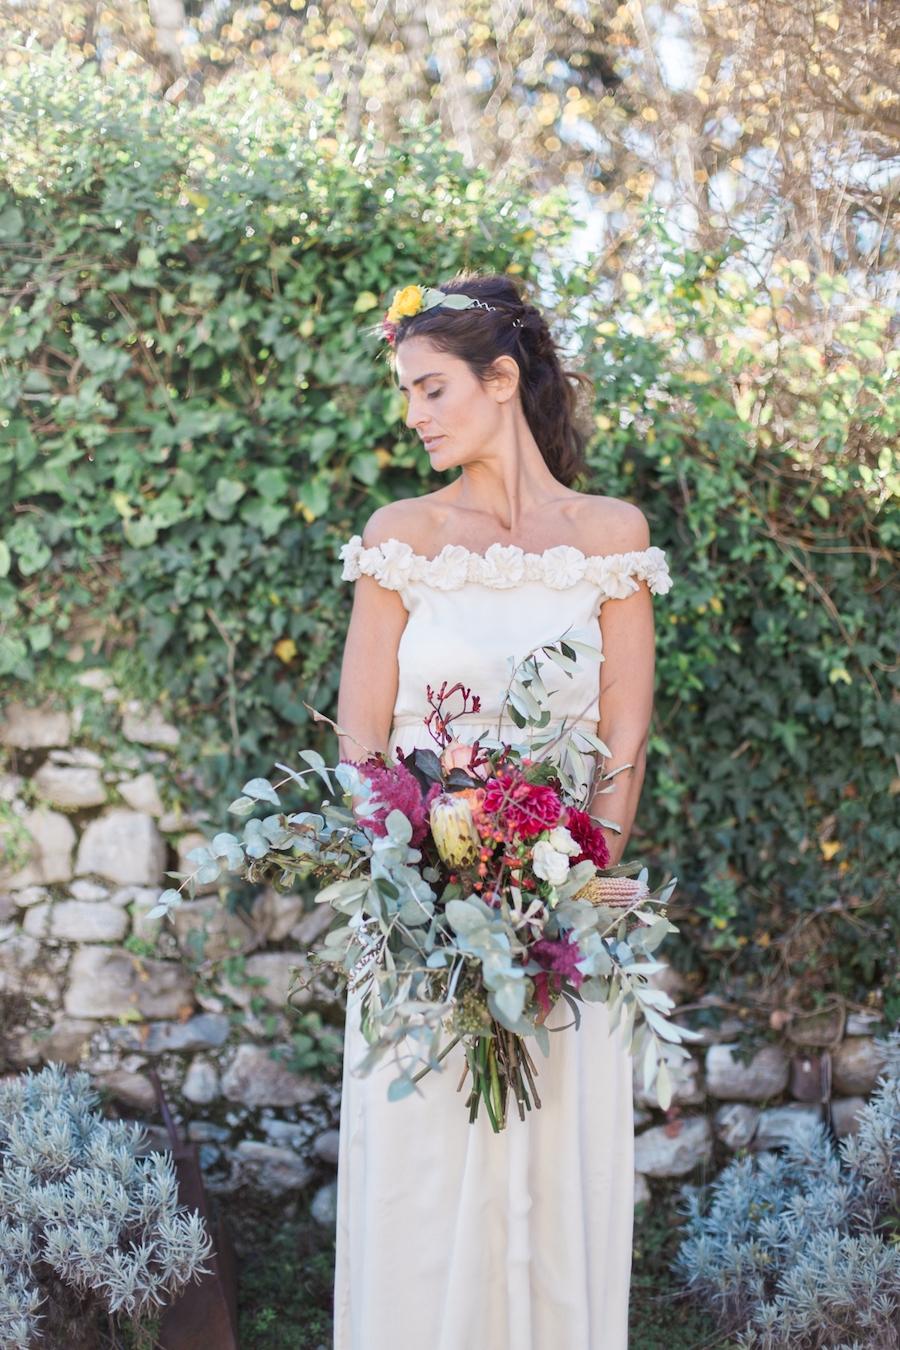 Matrimonio Bohemien Jurk : Un matrimonio bohémien autunnale wedding wonderland